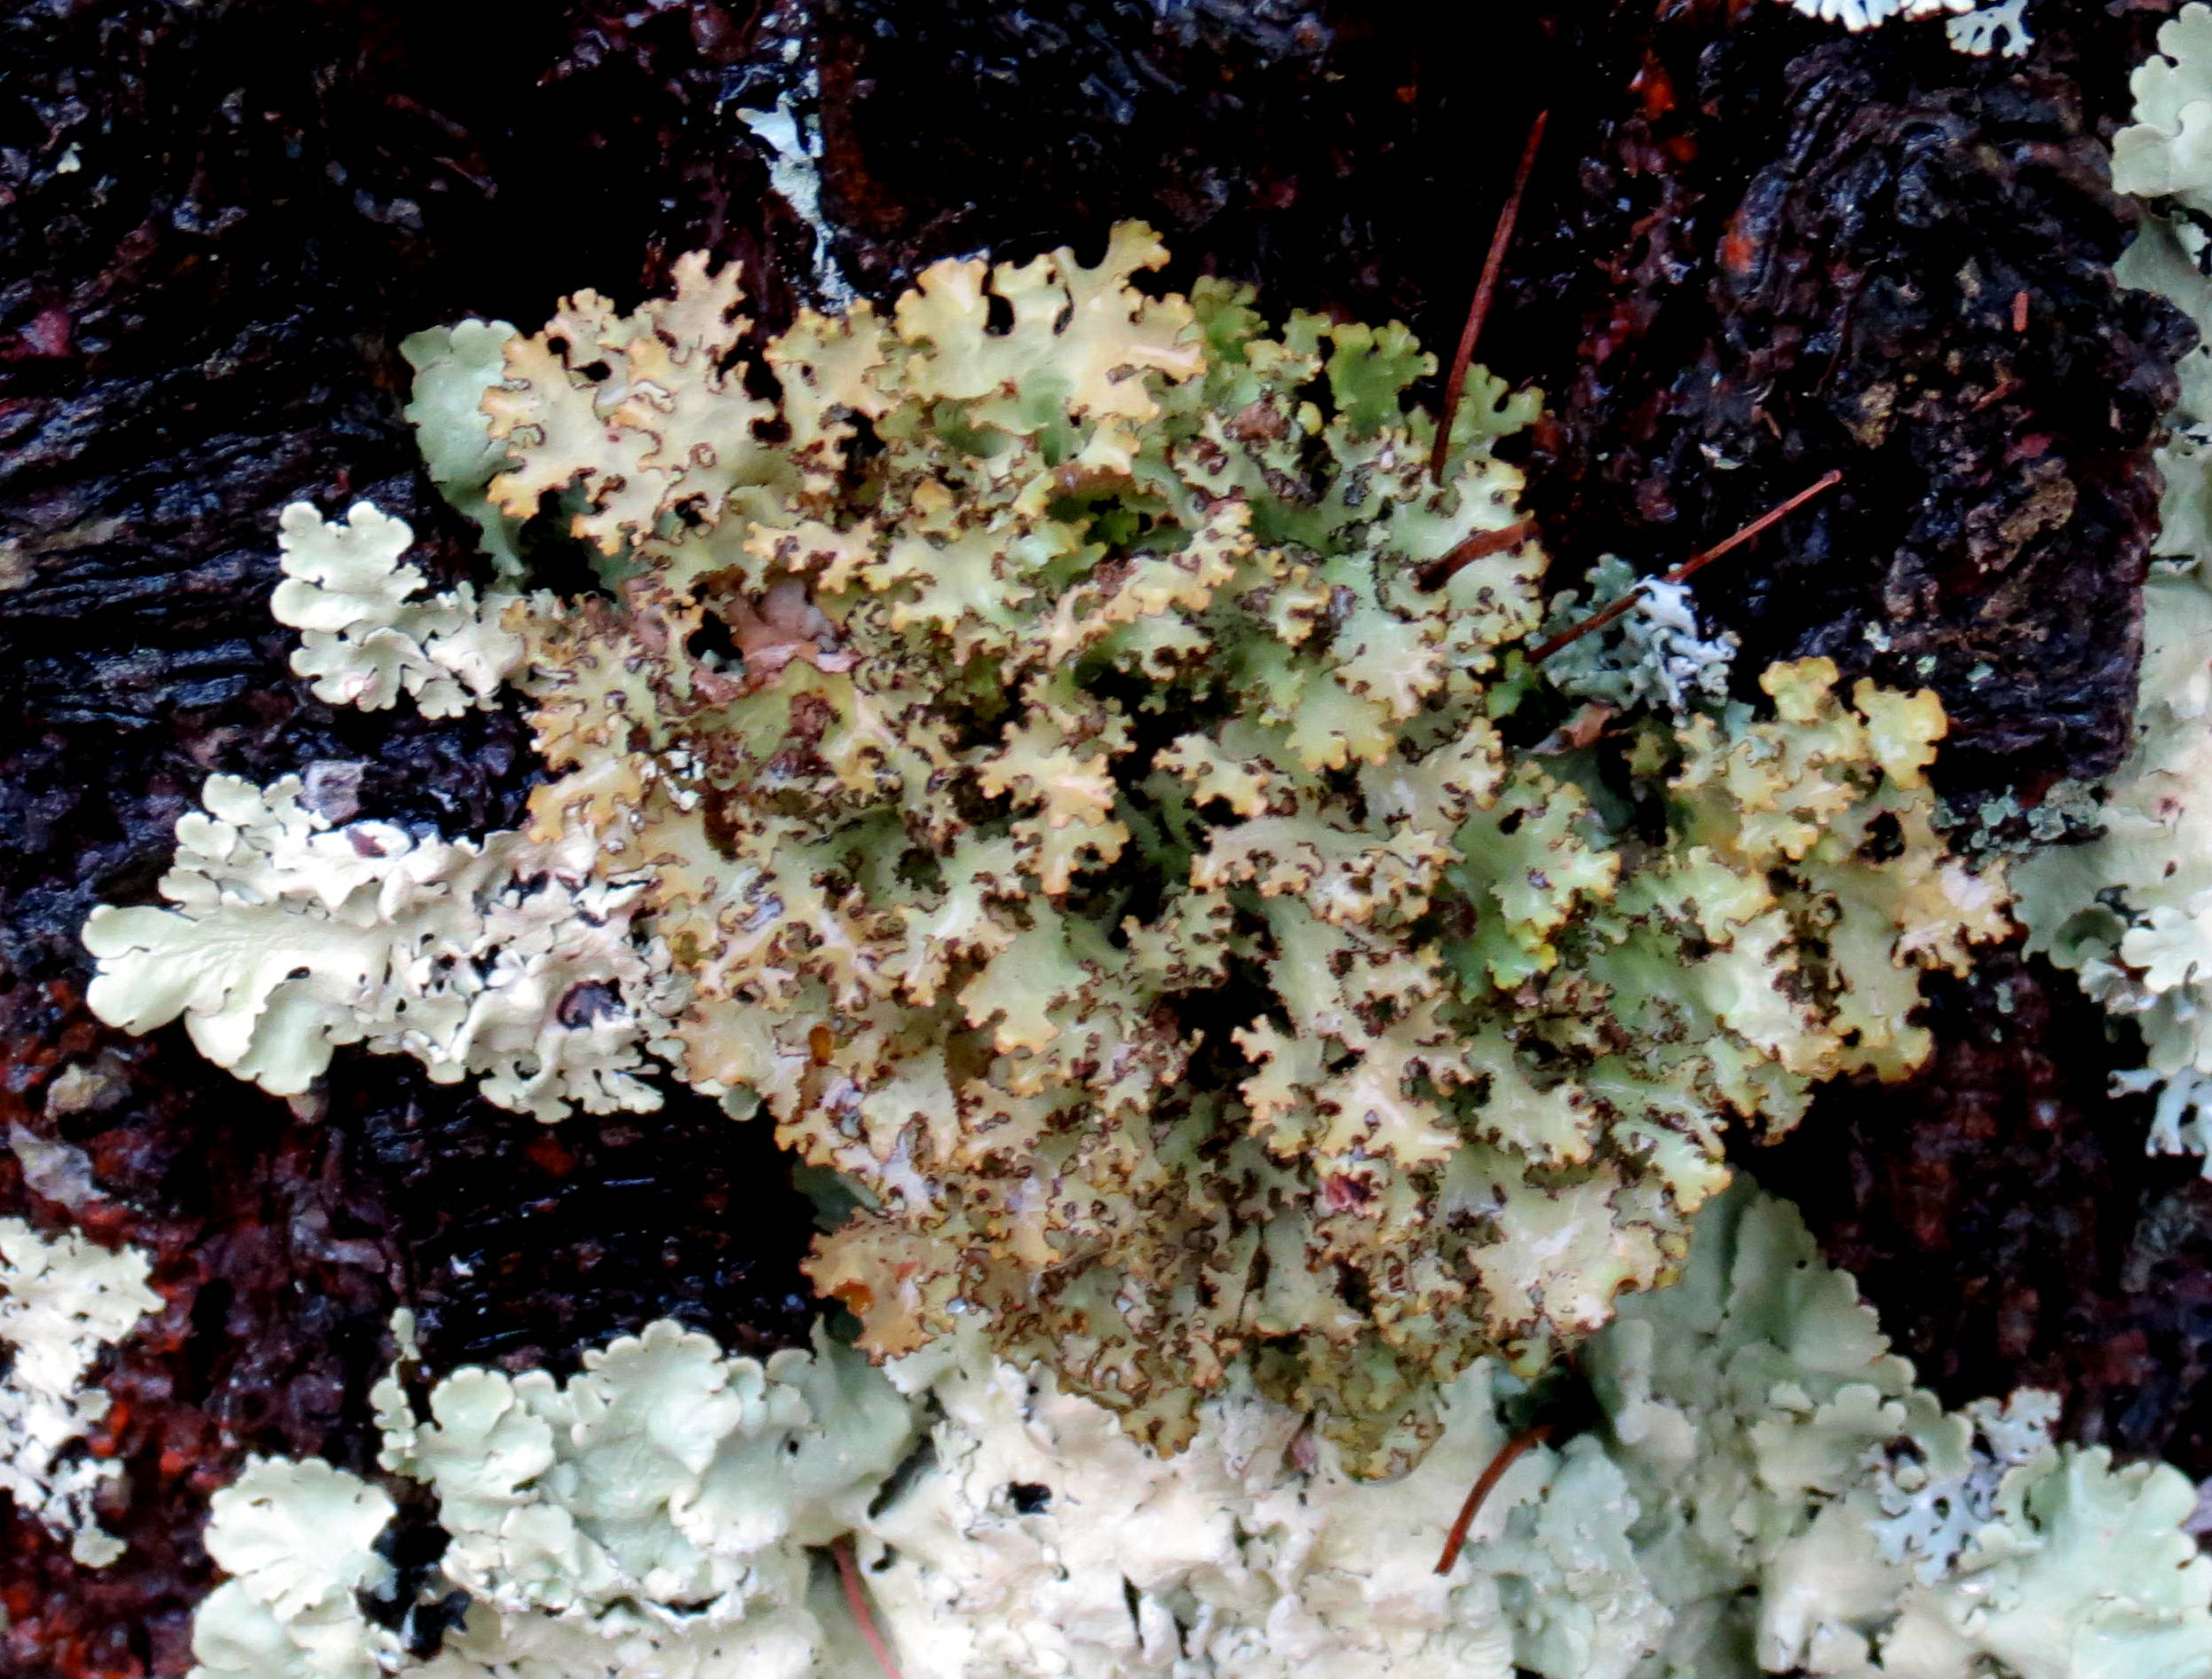 8. Foliose Lichen